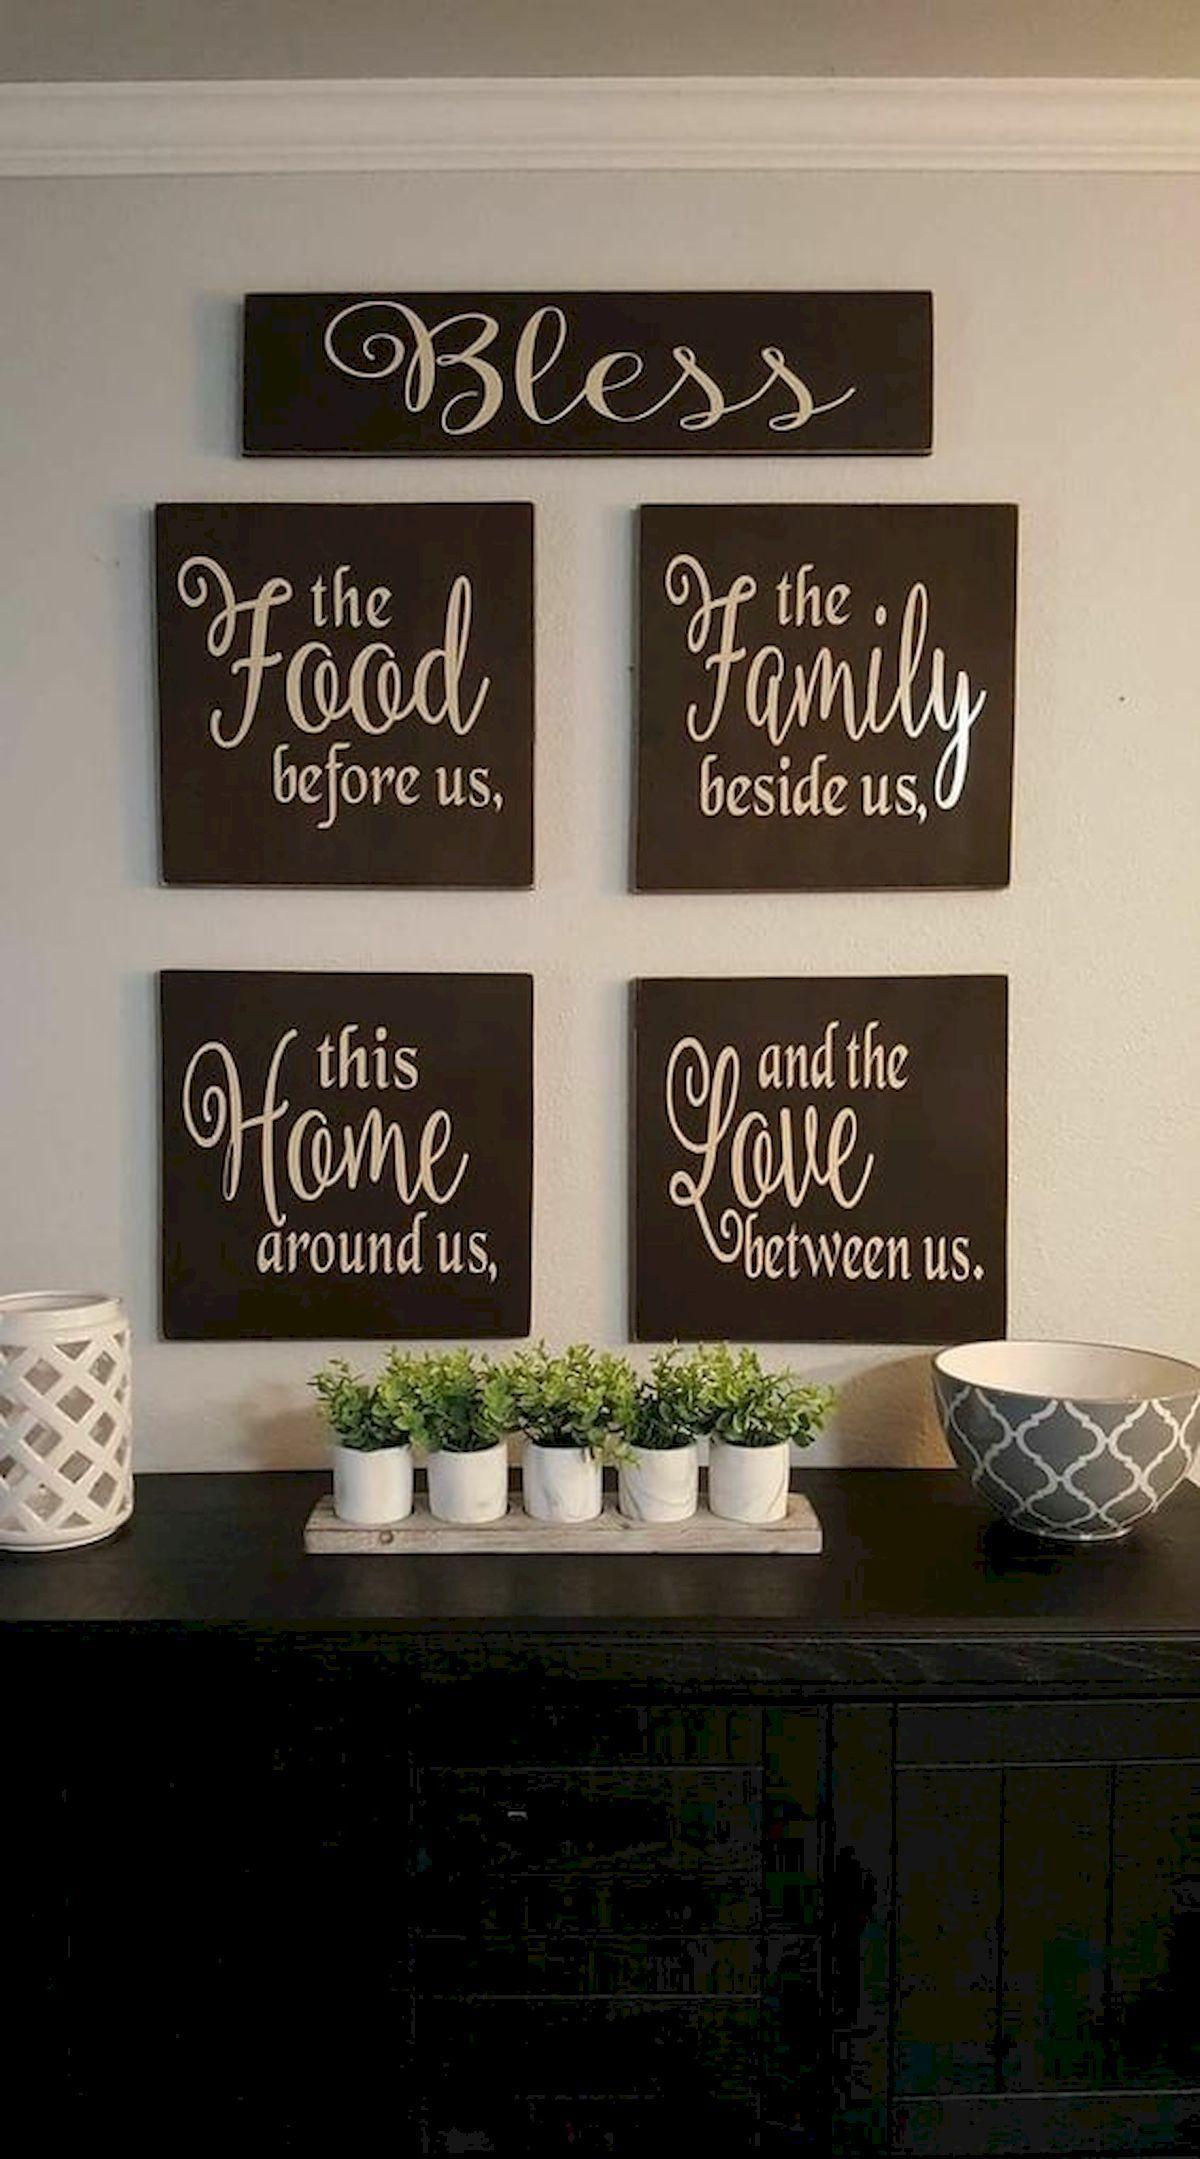 30 Easy Diy Pallet Wall Art Ideas 7 Diy Pallet Wall Art Dining Room Wall Decor Diy Pallet Wall